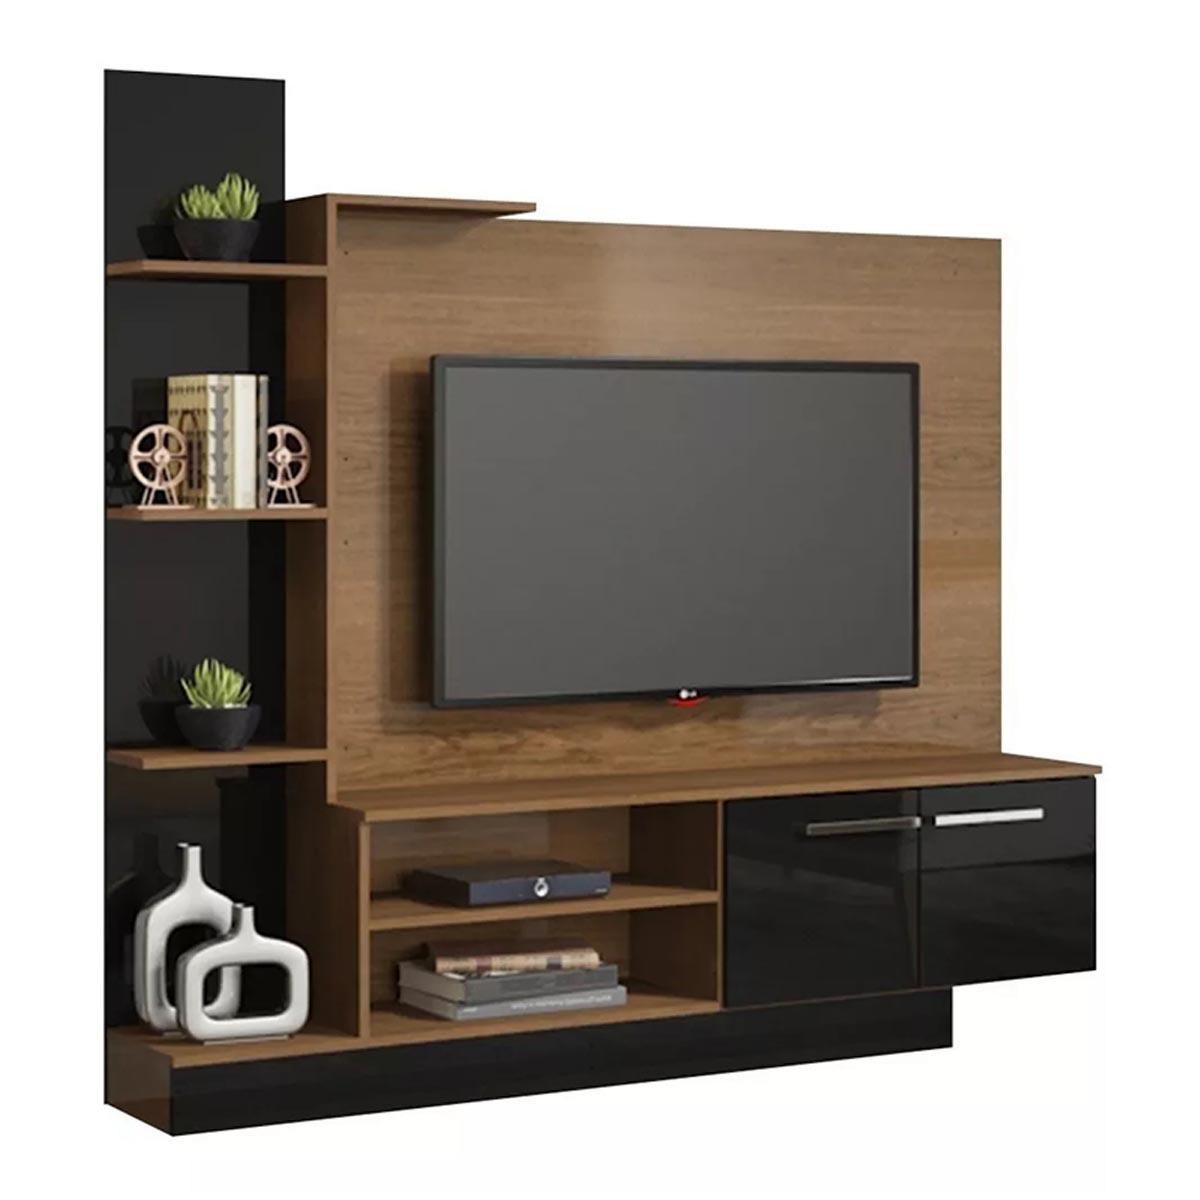 Mueble Modular De TV + Paneles y Repisas Castaño con Negro